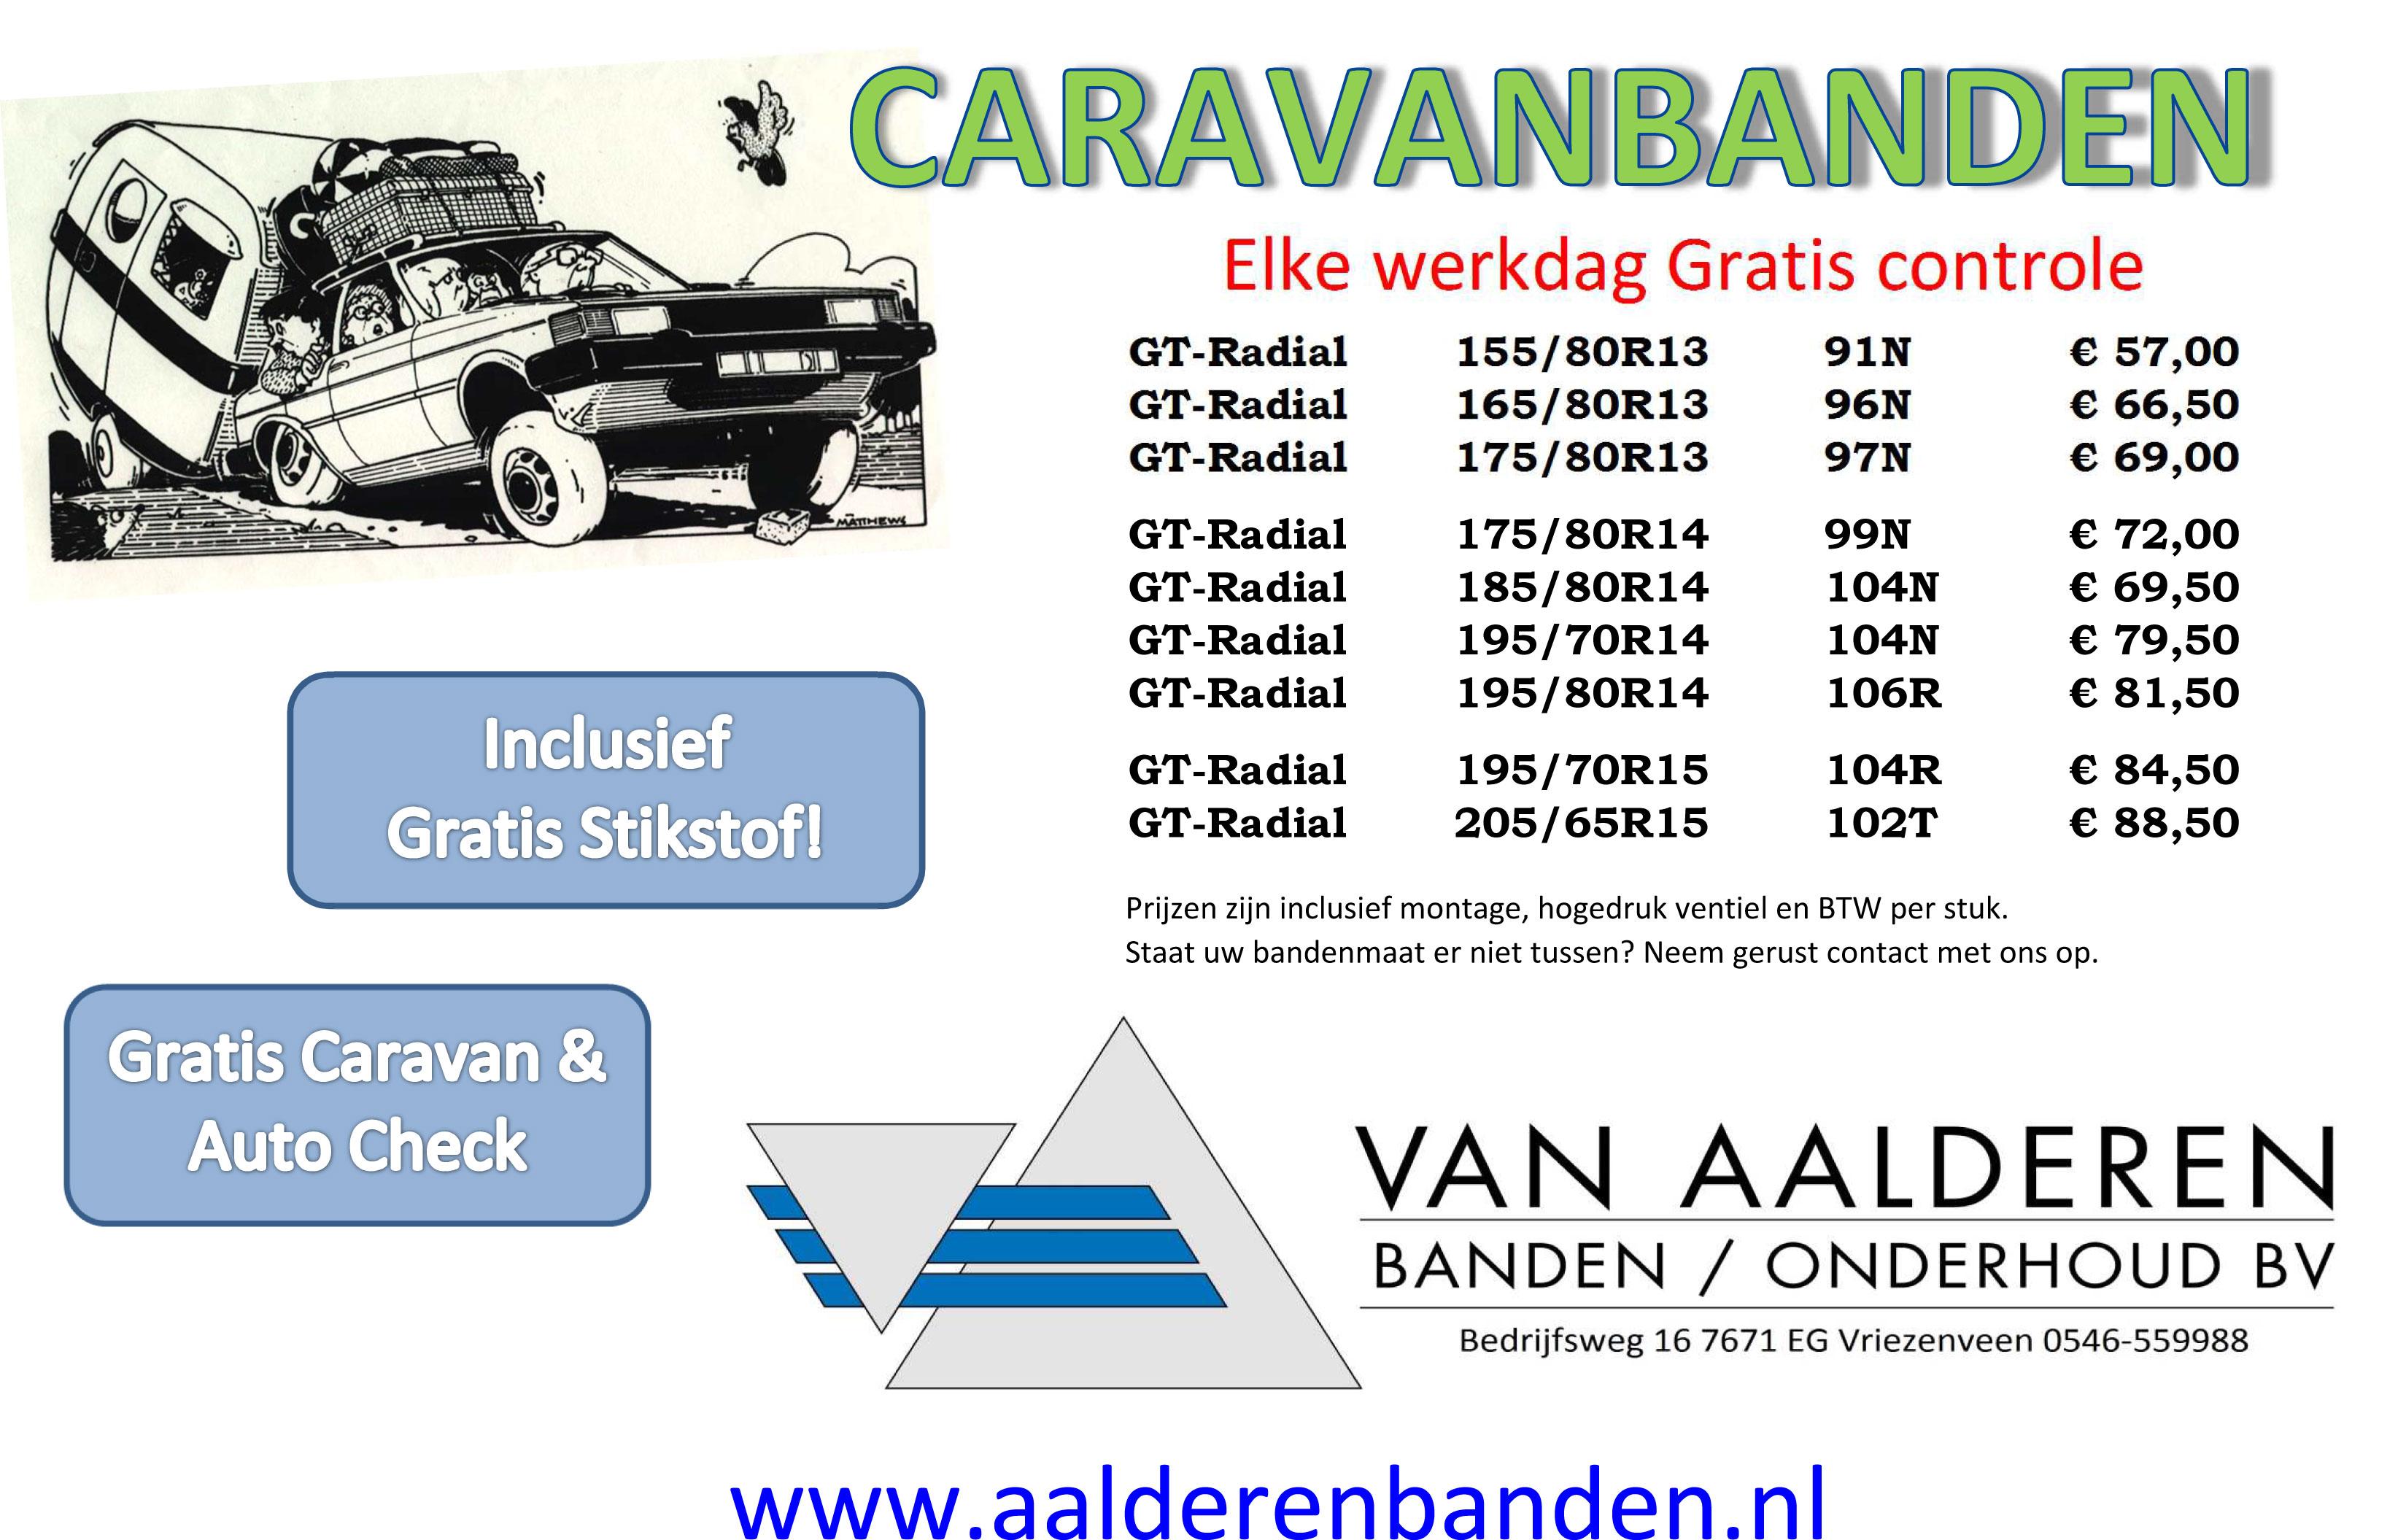 Caravanbanden-2016-1